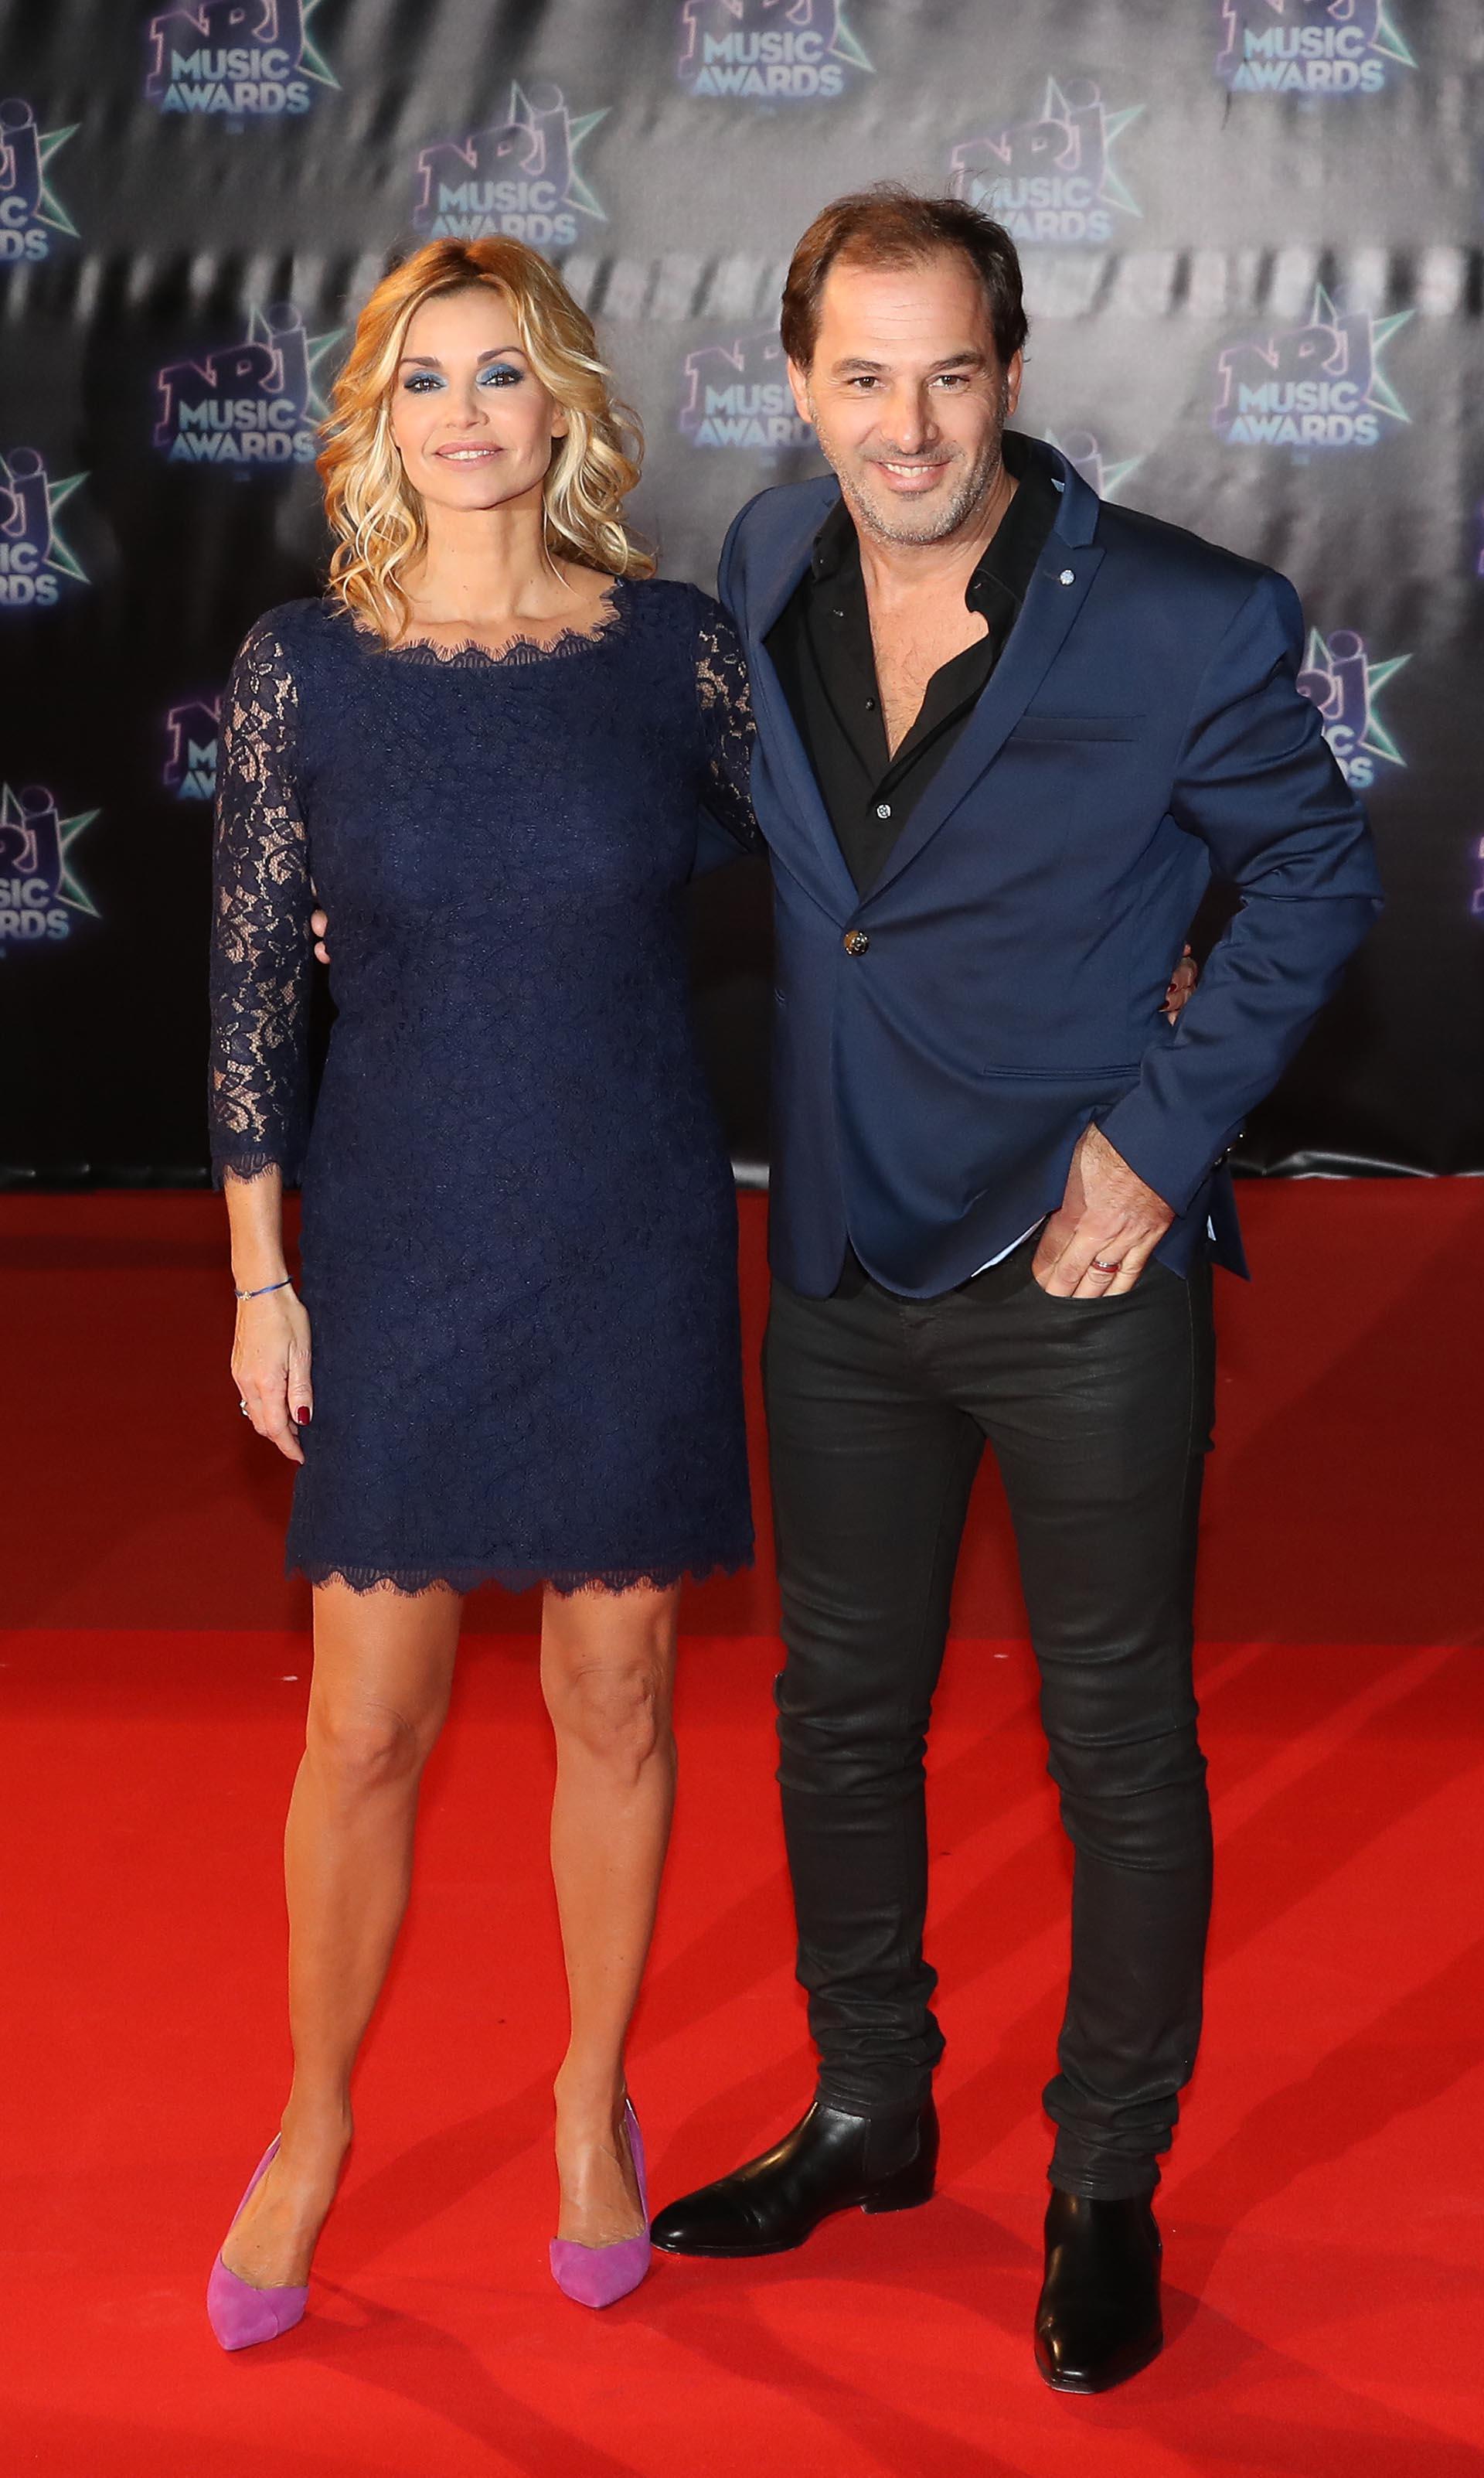 Ingrid Chauvin con un vestido de cóctel en encaje azul y stilettos lavanda, posa junto a su marido, Thierry Peythieu